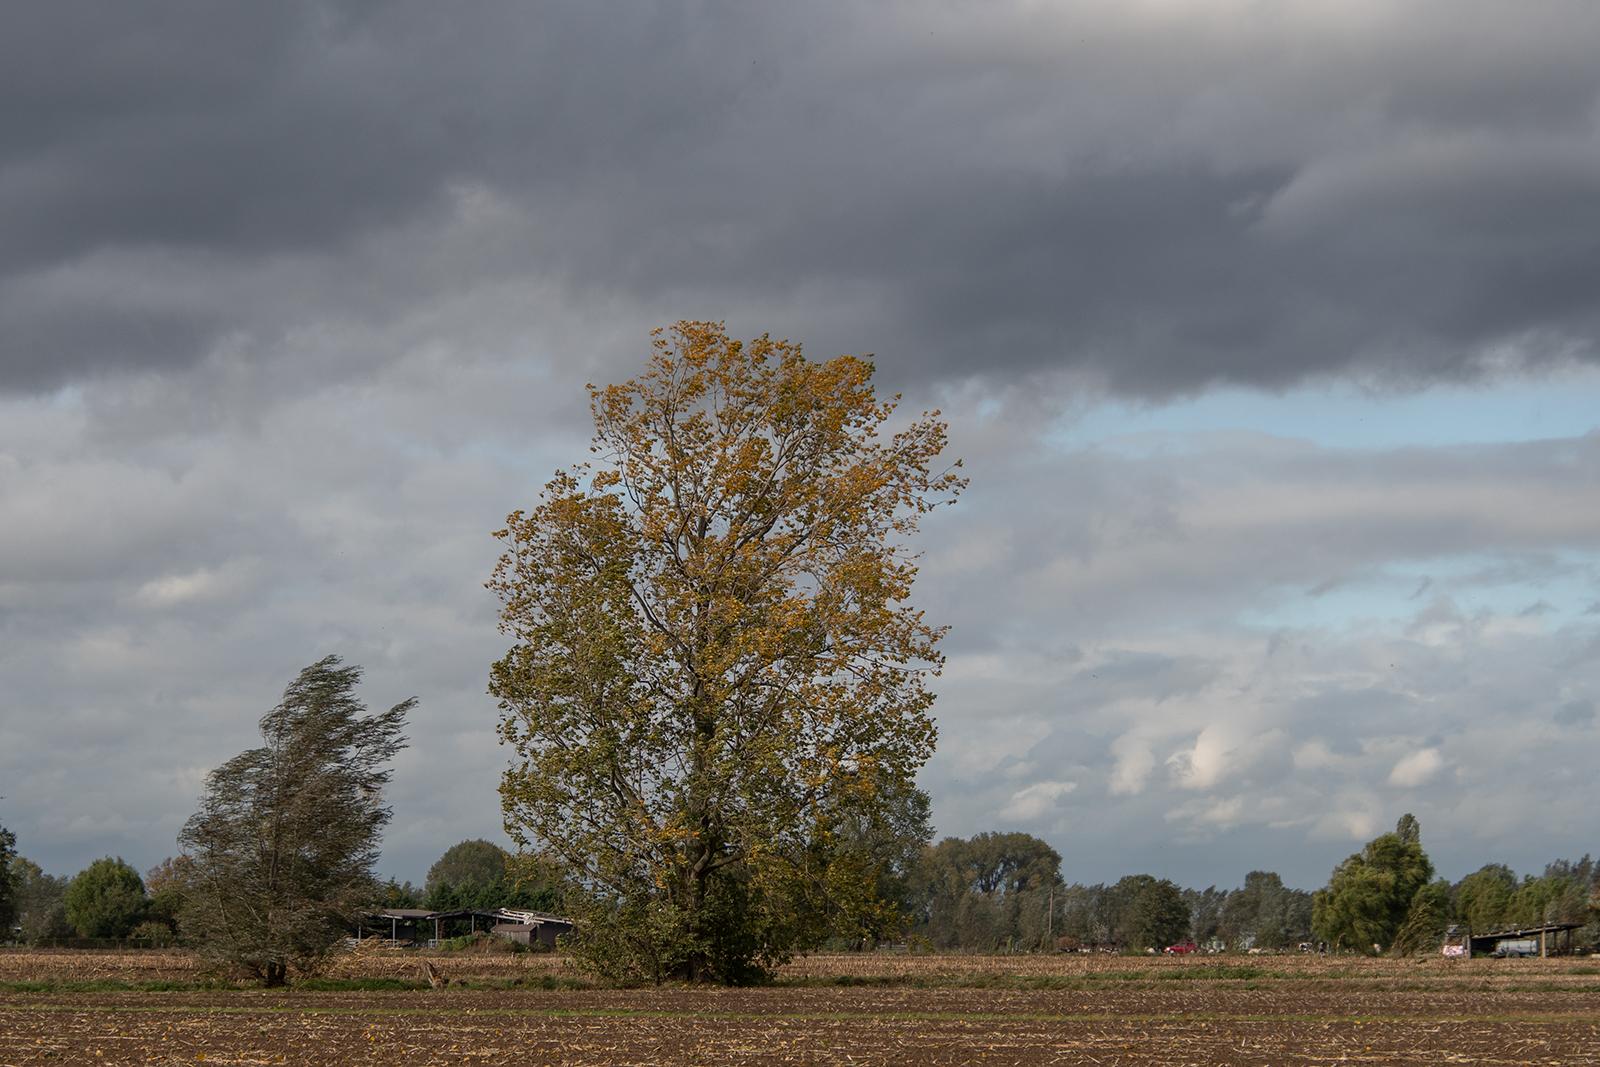 21 oktober: de wind rukt aan de takken en bladeren dansen in het rond.